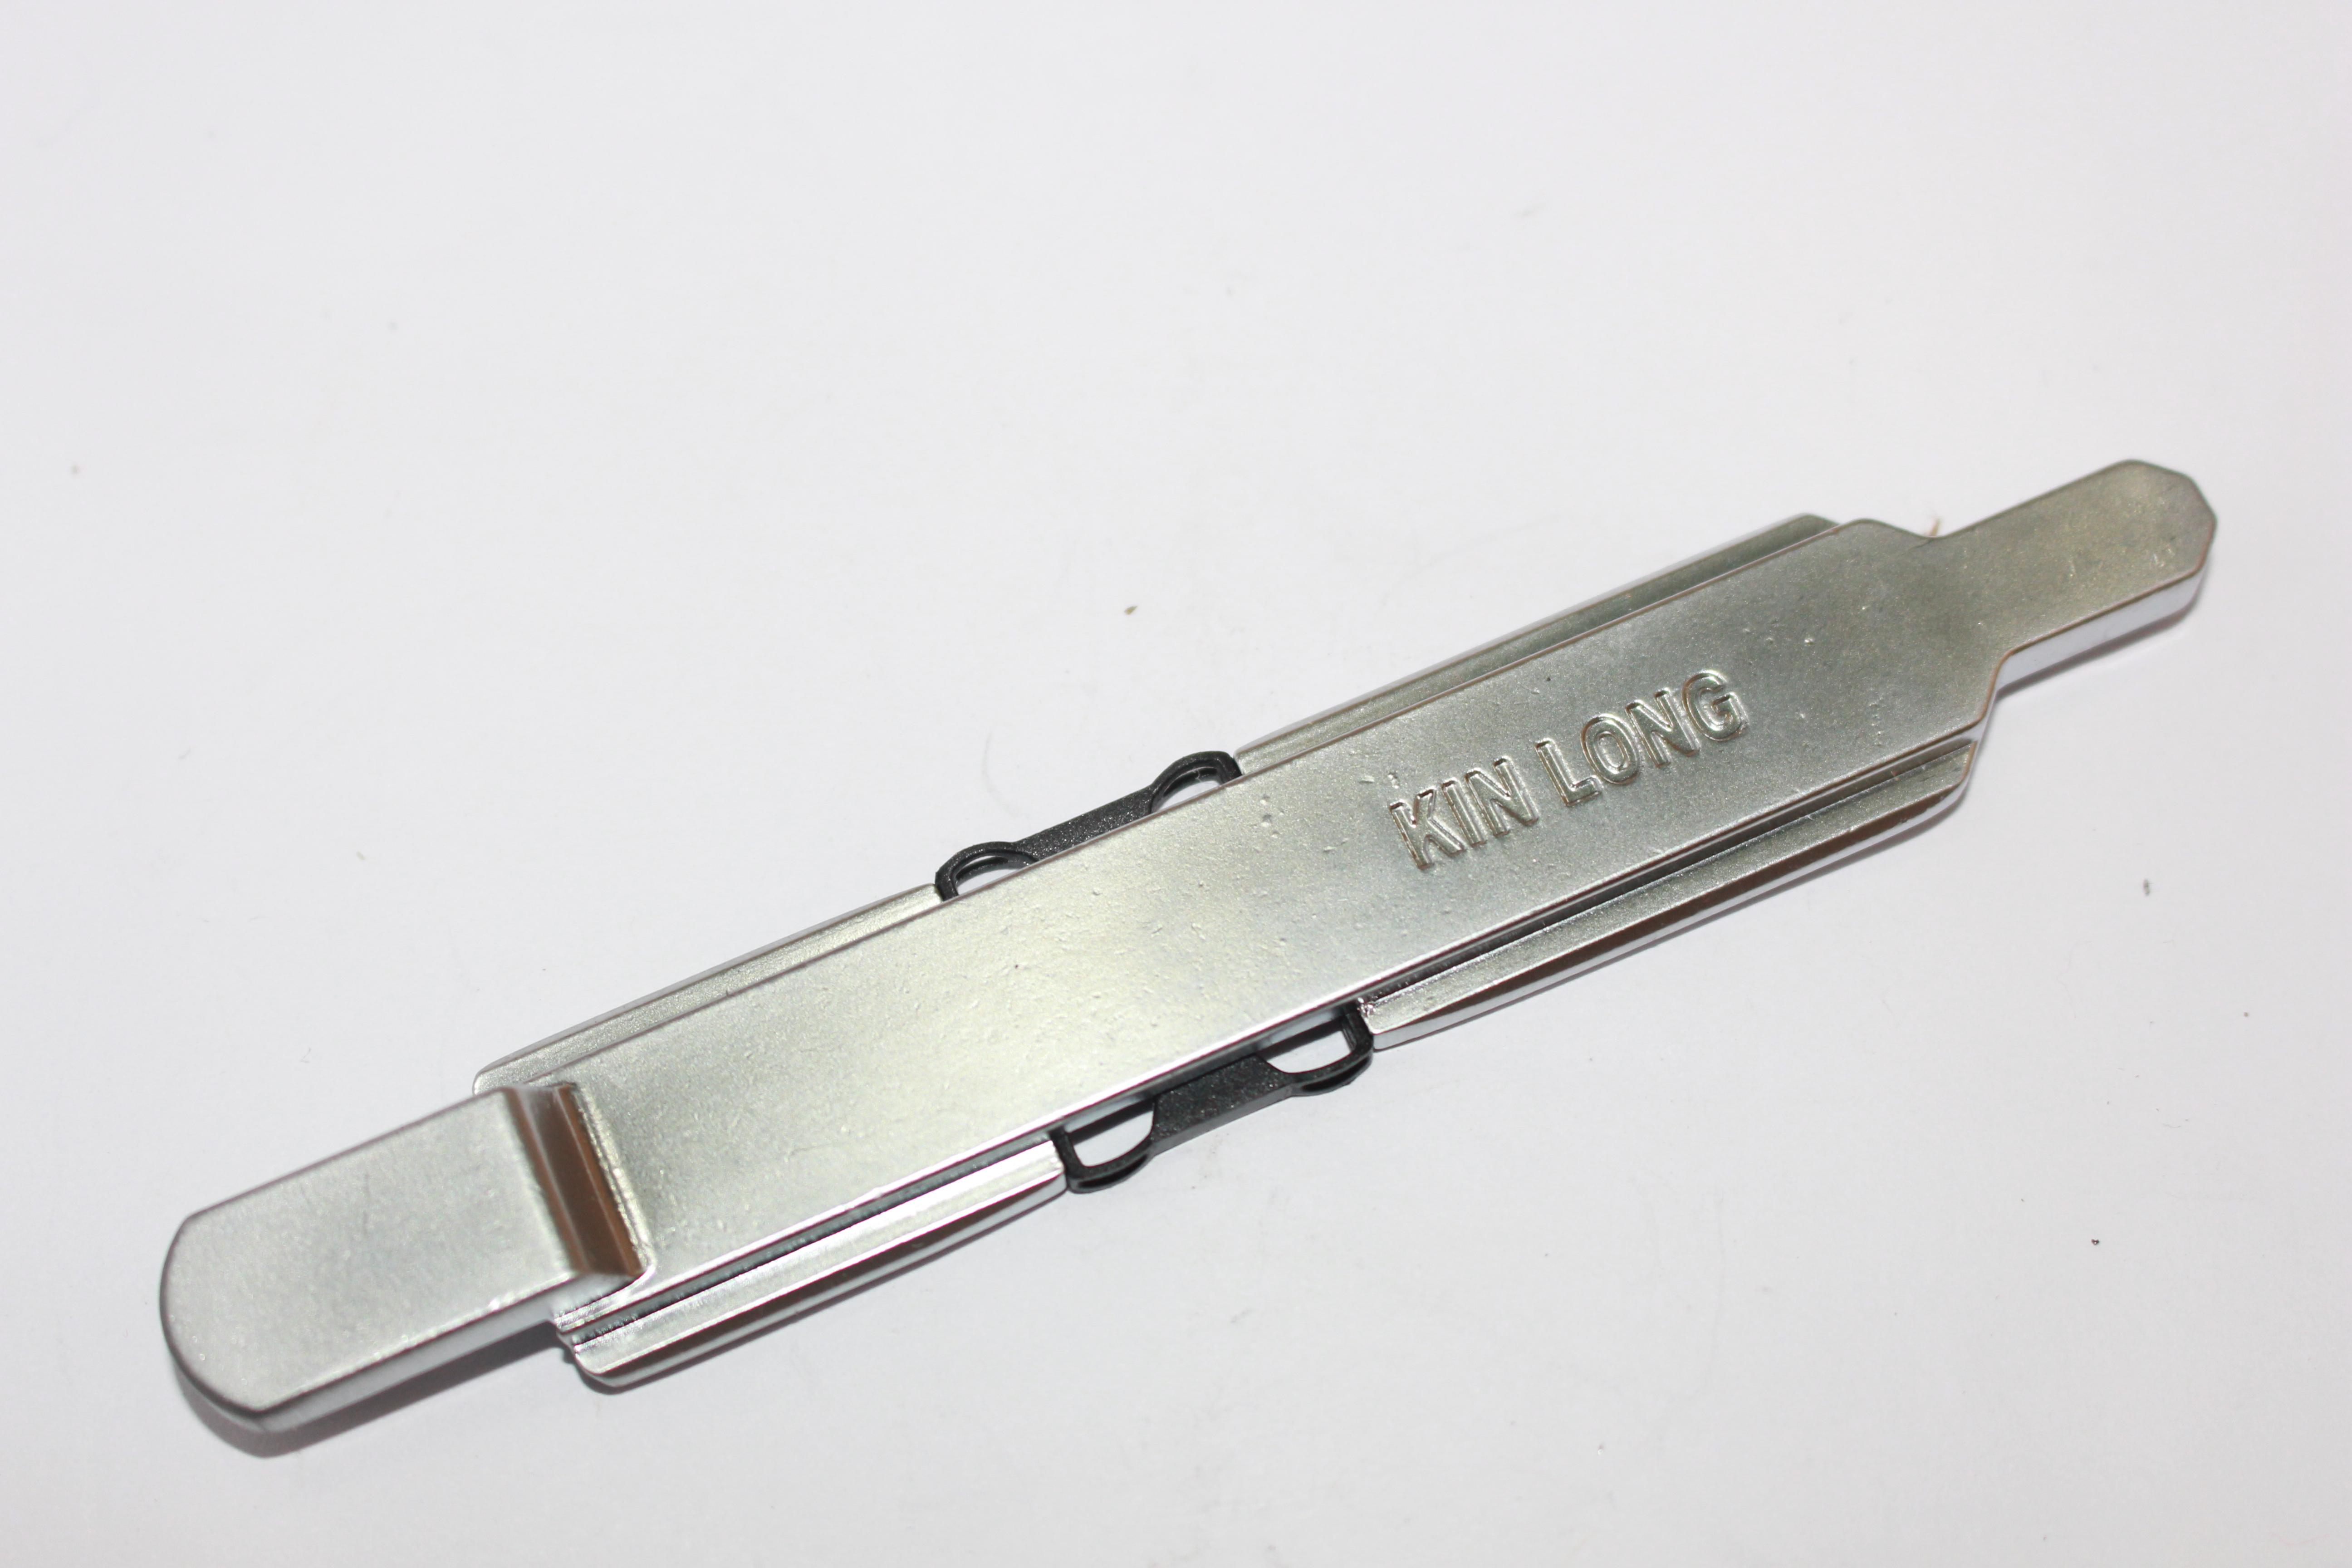 chốt khóa cdg10b kinlong